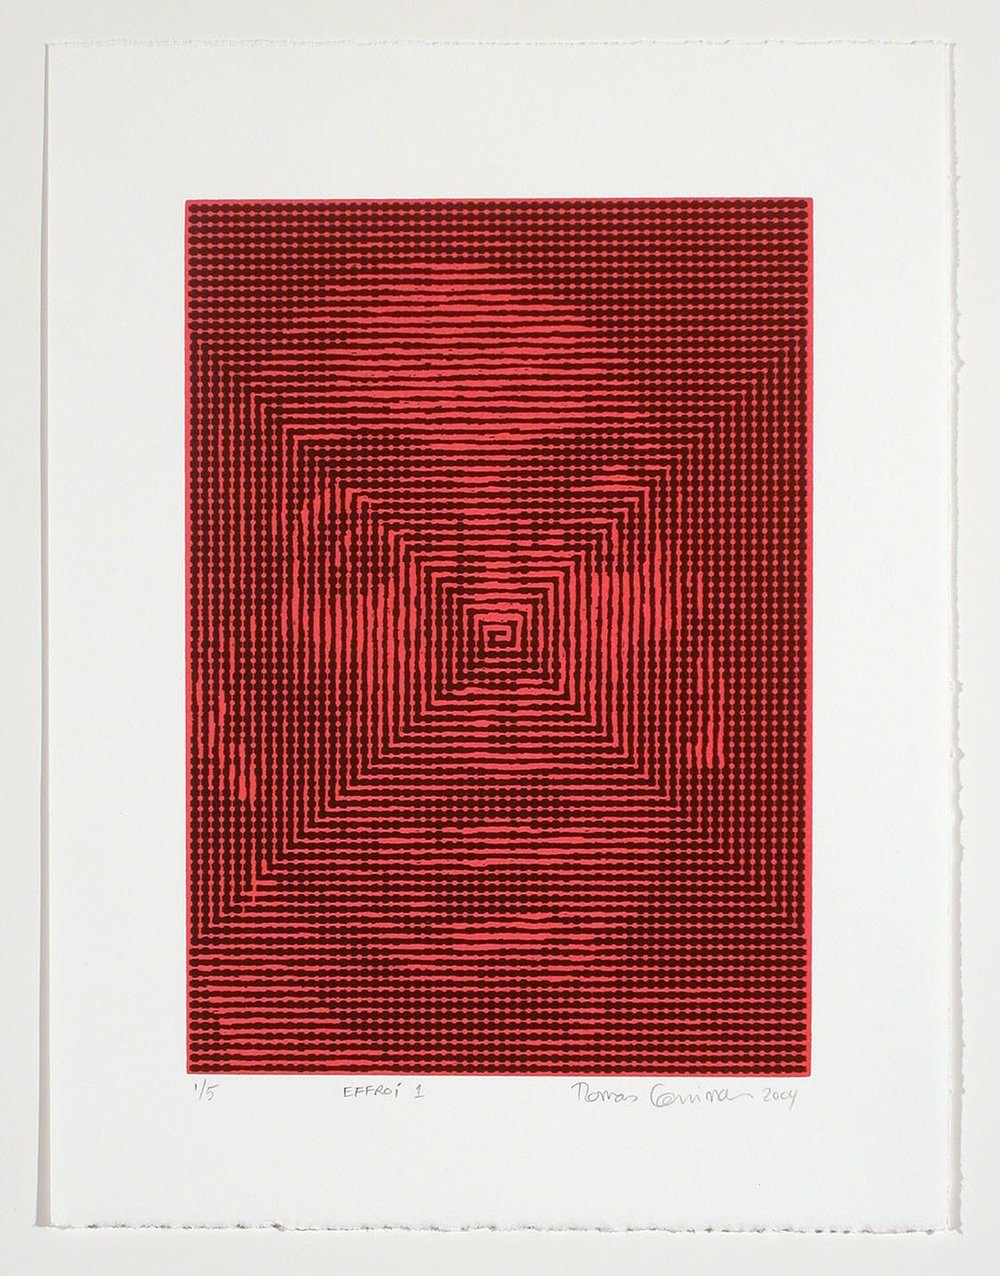 Effroi 1 (Fear 1), 2004